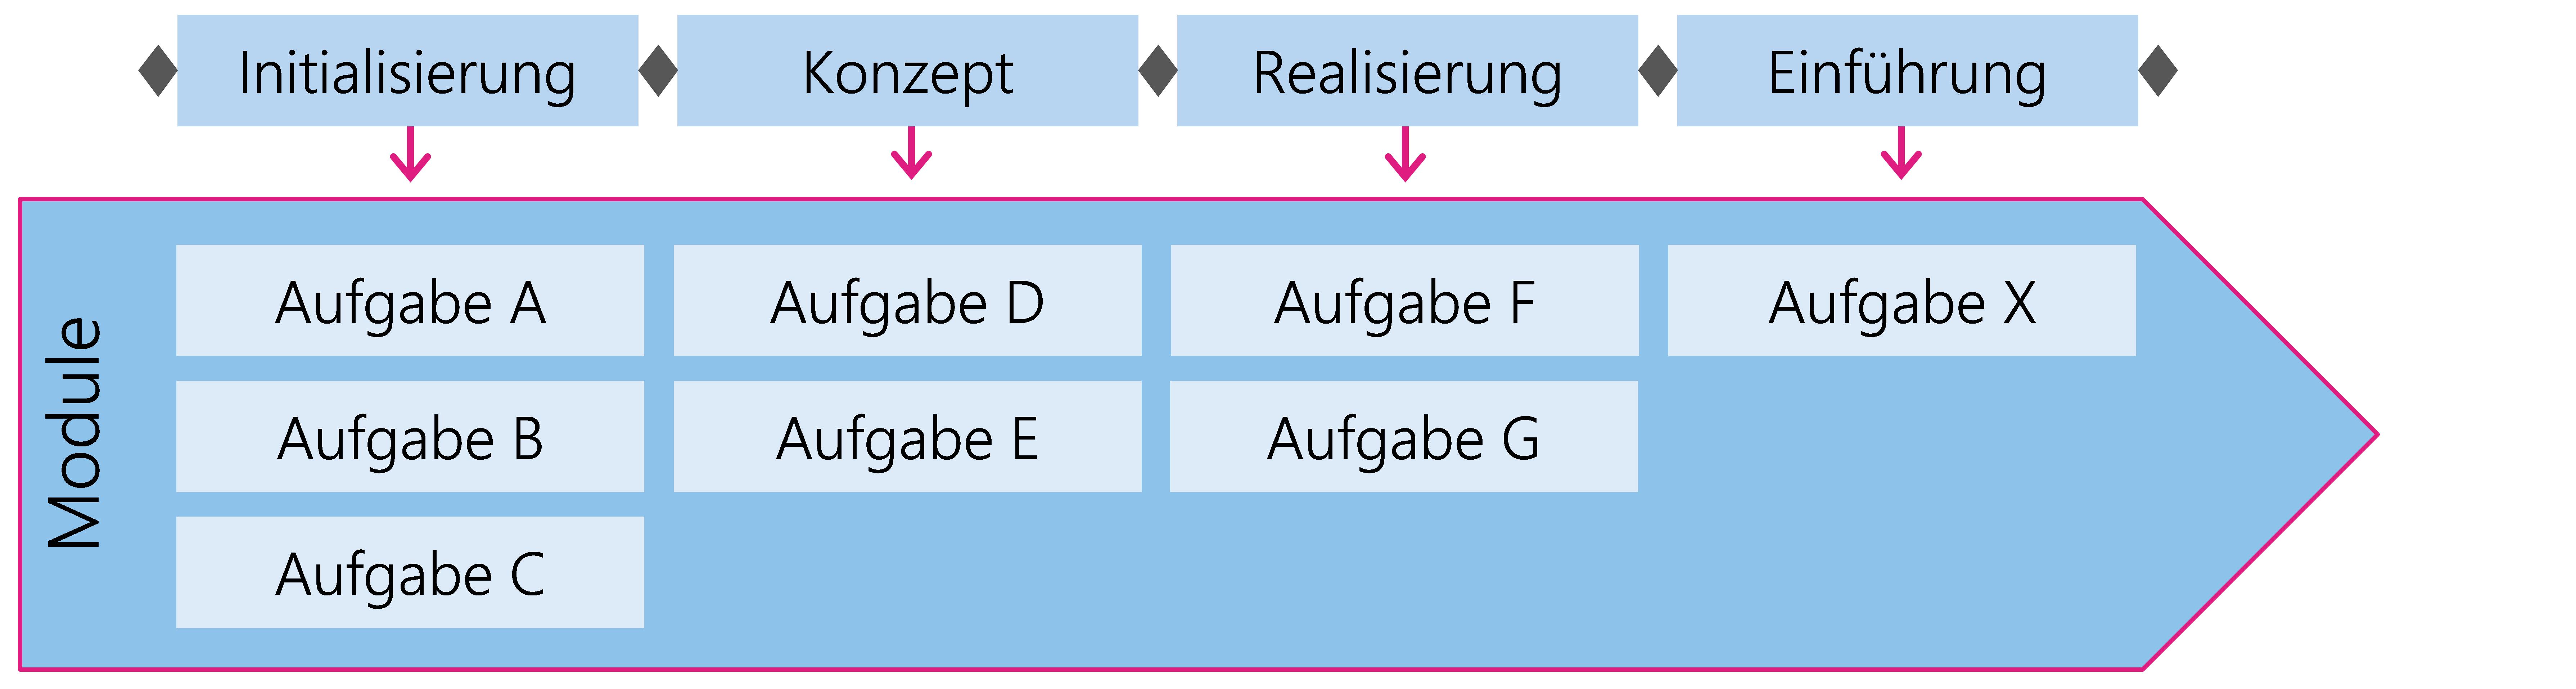 Abbildung 5:  Aufgaben sind in Modulen gruppiert und den Phasen zugeordnet